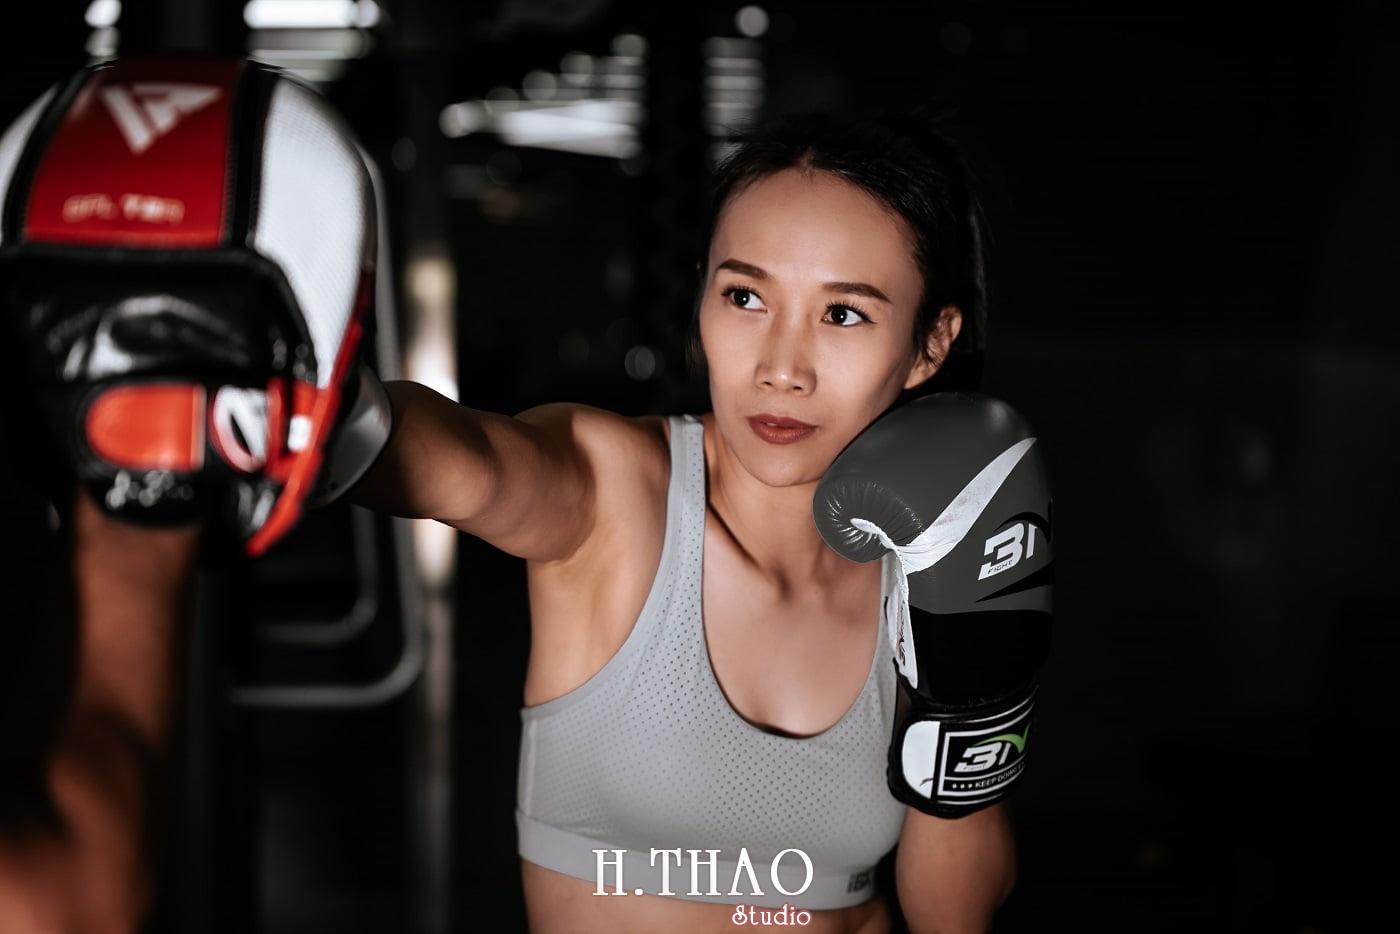 Anh chi Ngoc 33 min - Góc ảnh cô gái mạnh mẽ yêu thích Boxing – HThao Studio